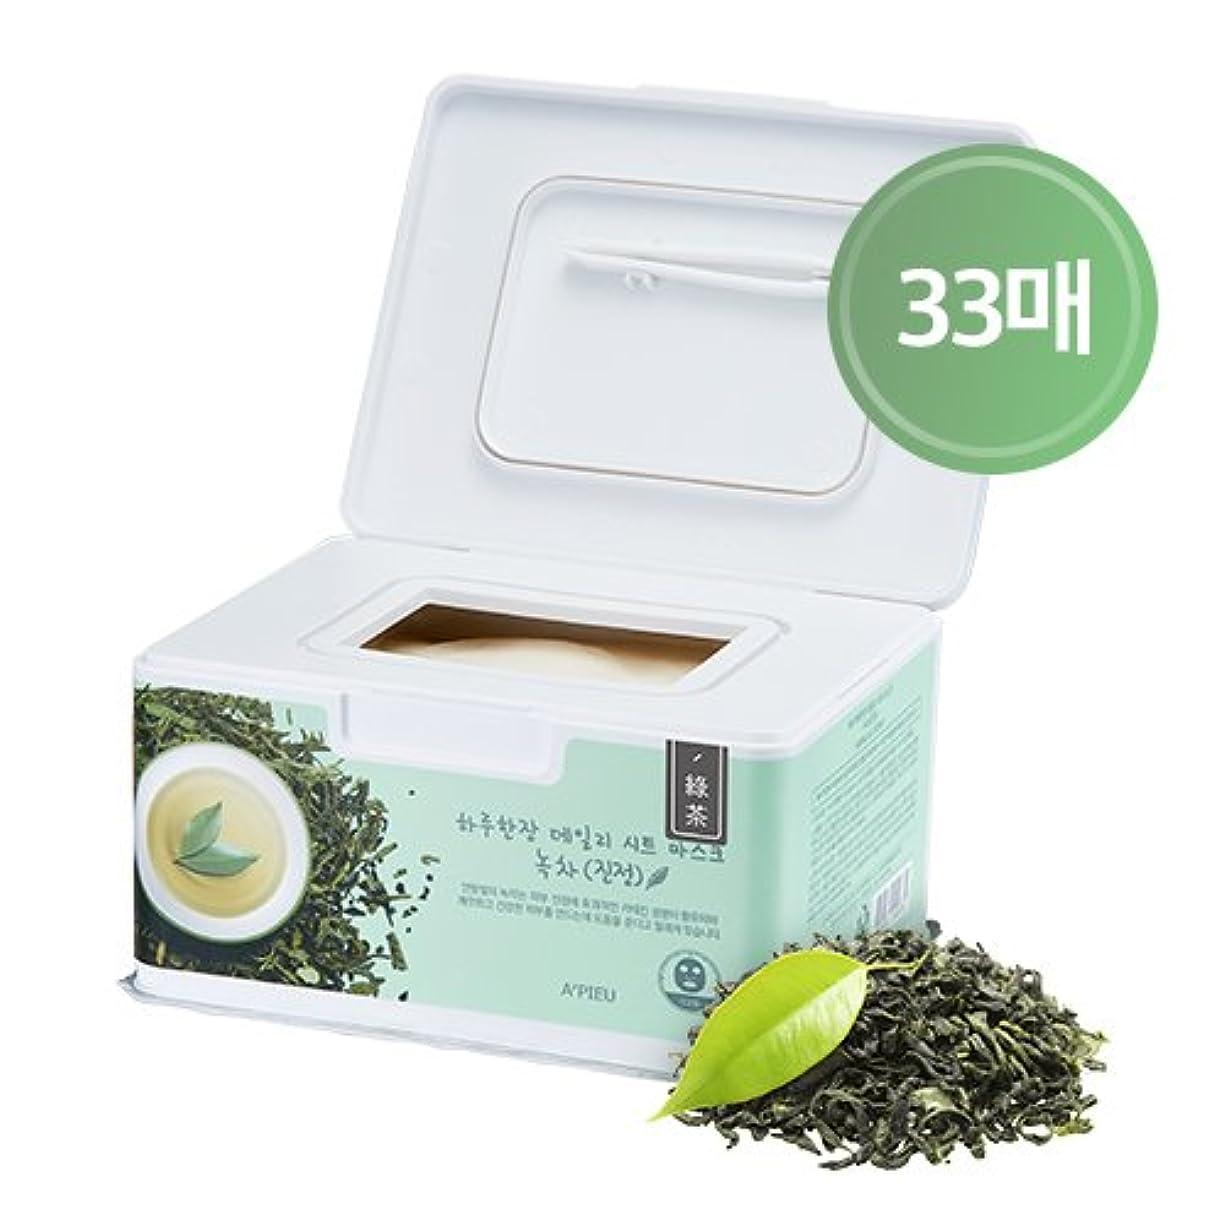 ファンド不名誉不信APIEU DAILY Sheet Mask Green Tea (Soothing) / [オピュ/アピュ] デイリーシートマスク_緑茶 (スージング) [並行輸入品]